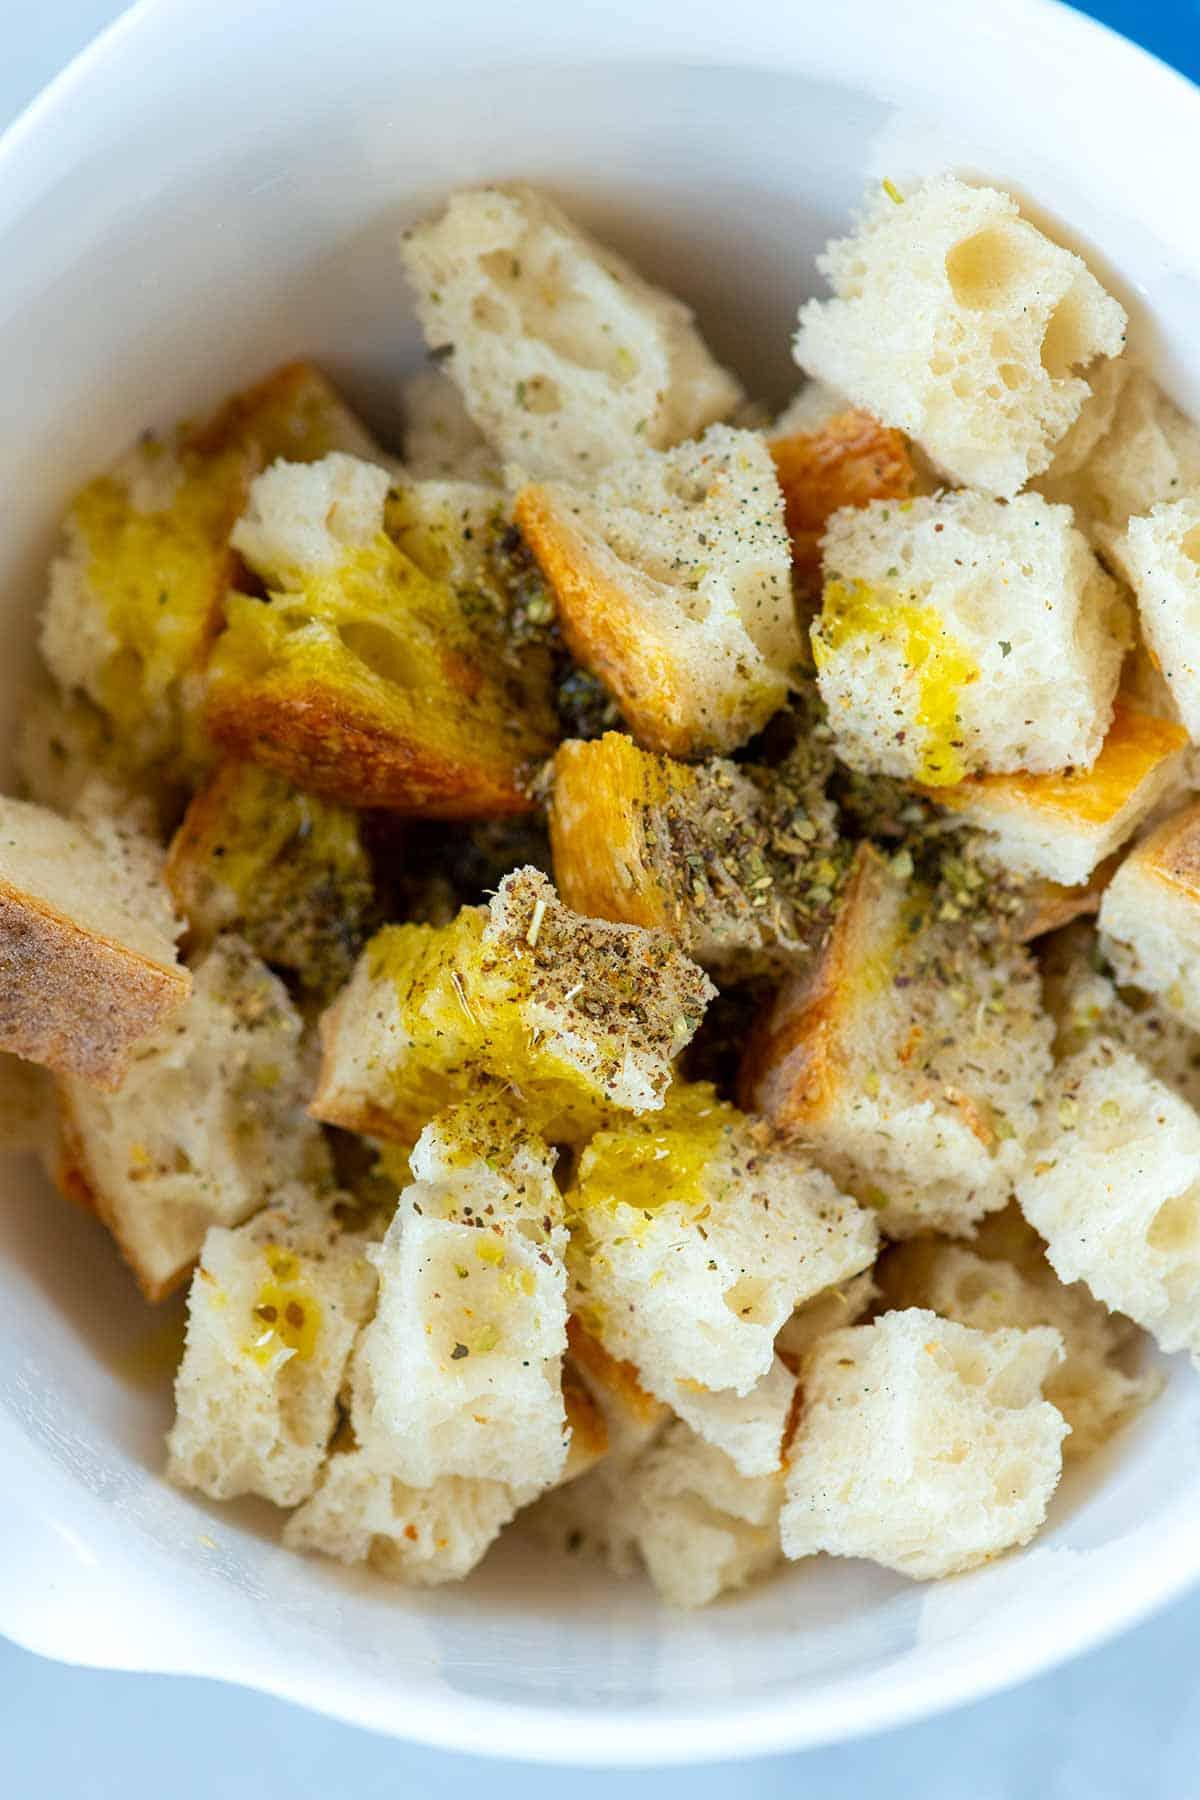 Pan en cubos mezclado con aceite de oliva, sal, pimienta y hierbas.